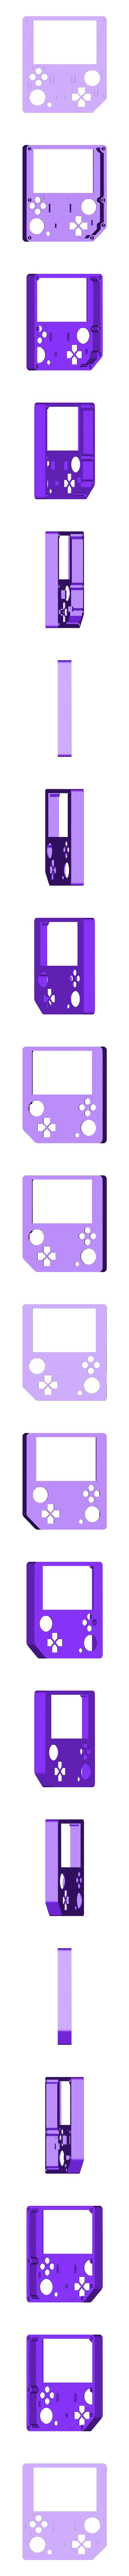 front.stl Télécharger fichier STL gratuit Pocket Wii | Nintendo Wii portable • Objet pour impression 3D, indigo4